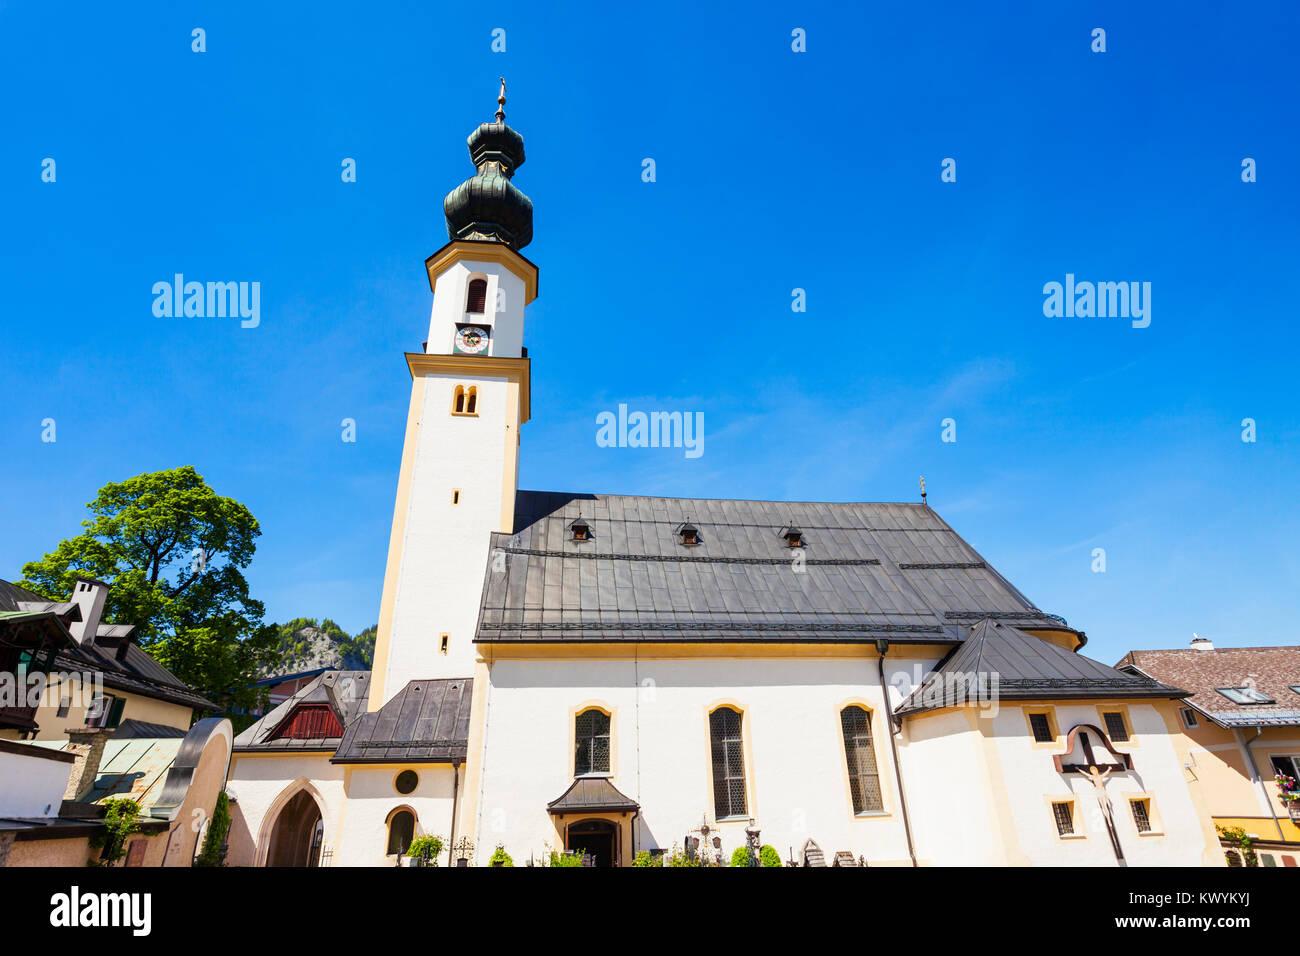 Parish Church of St. Aegydius (Pfarrkirche hl. Agydius Sankt Gilgen und Friedhof) in St Gilgen, Salzkammergut region - Stock Image